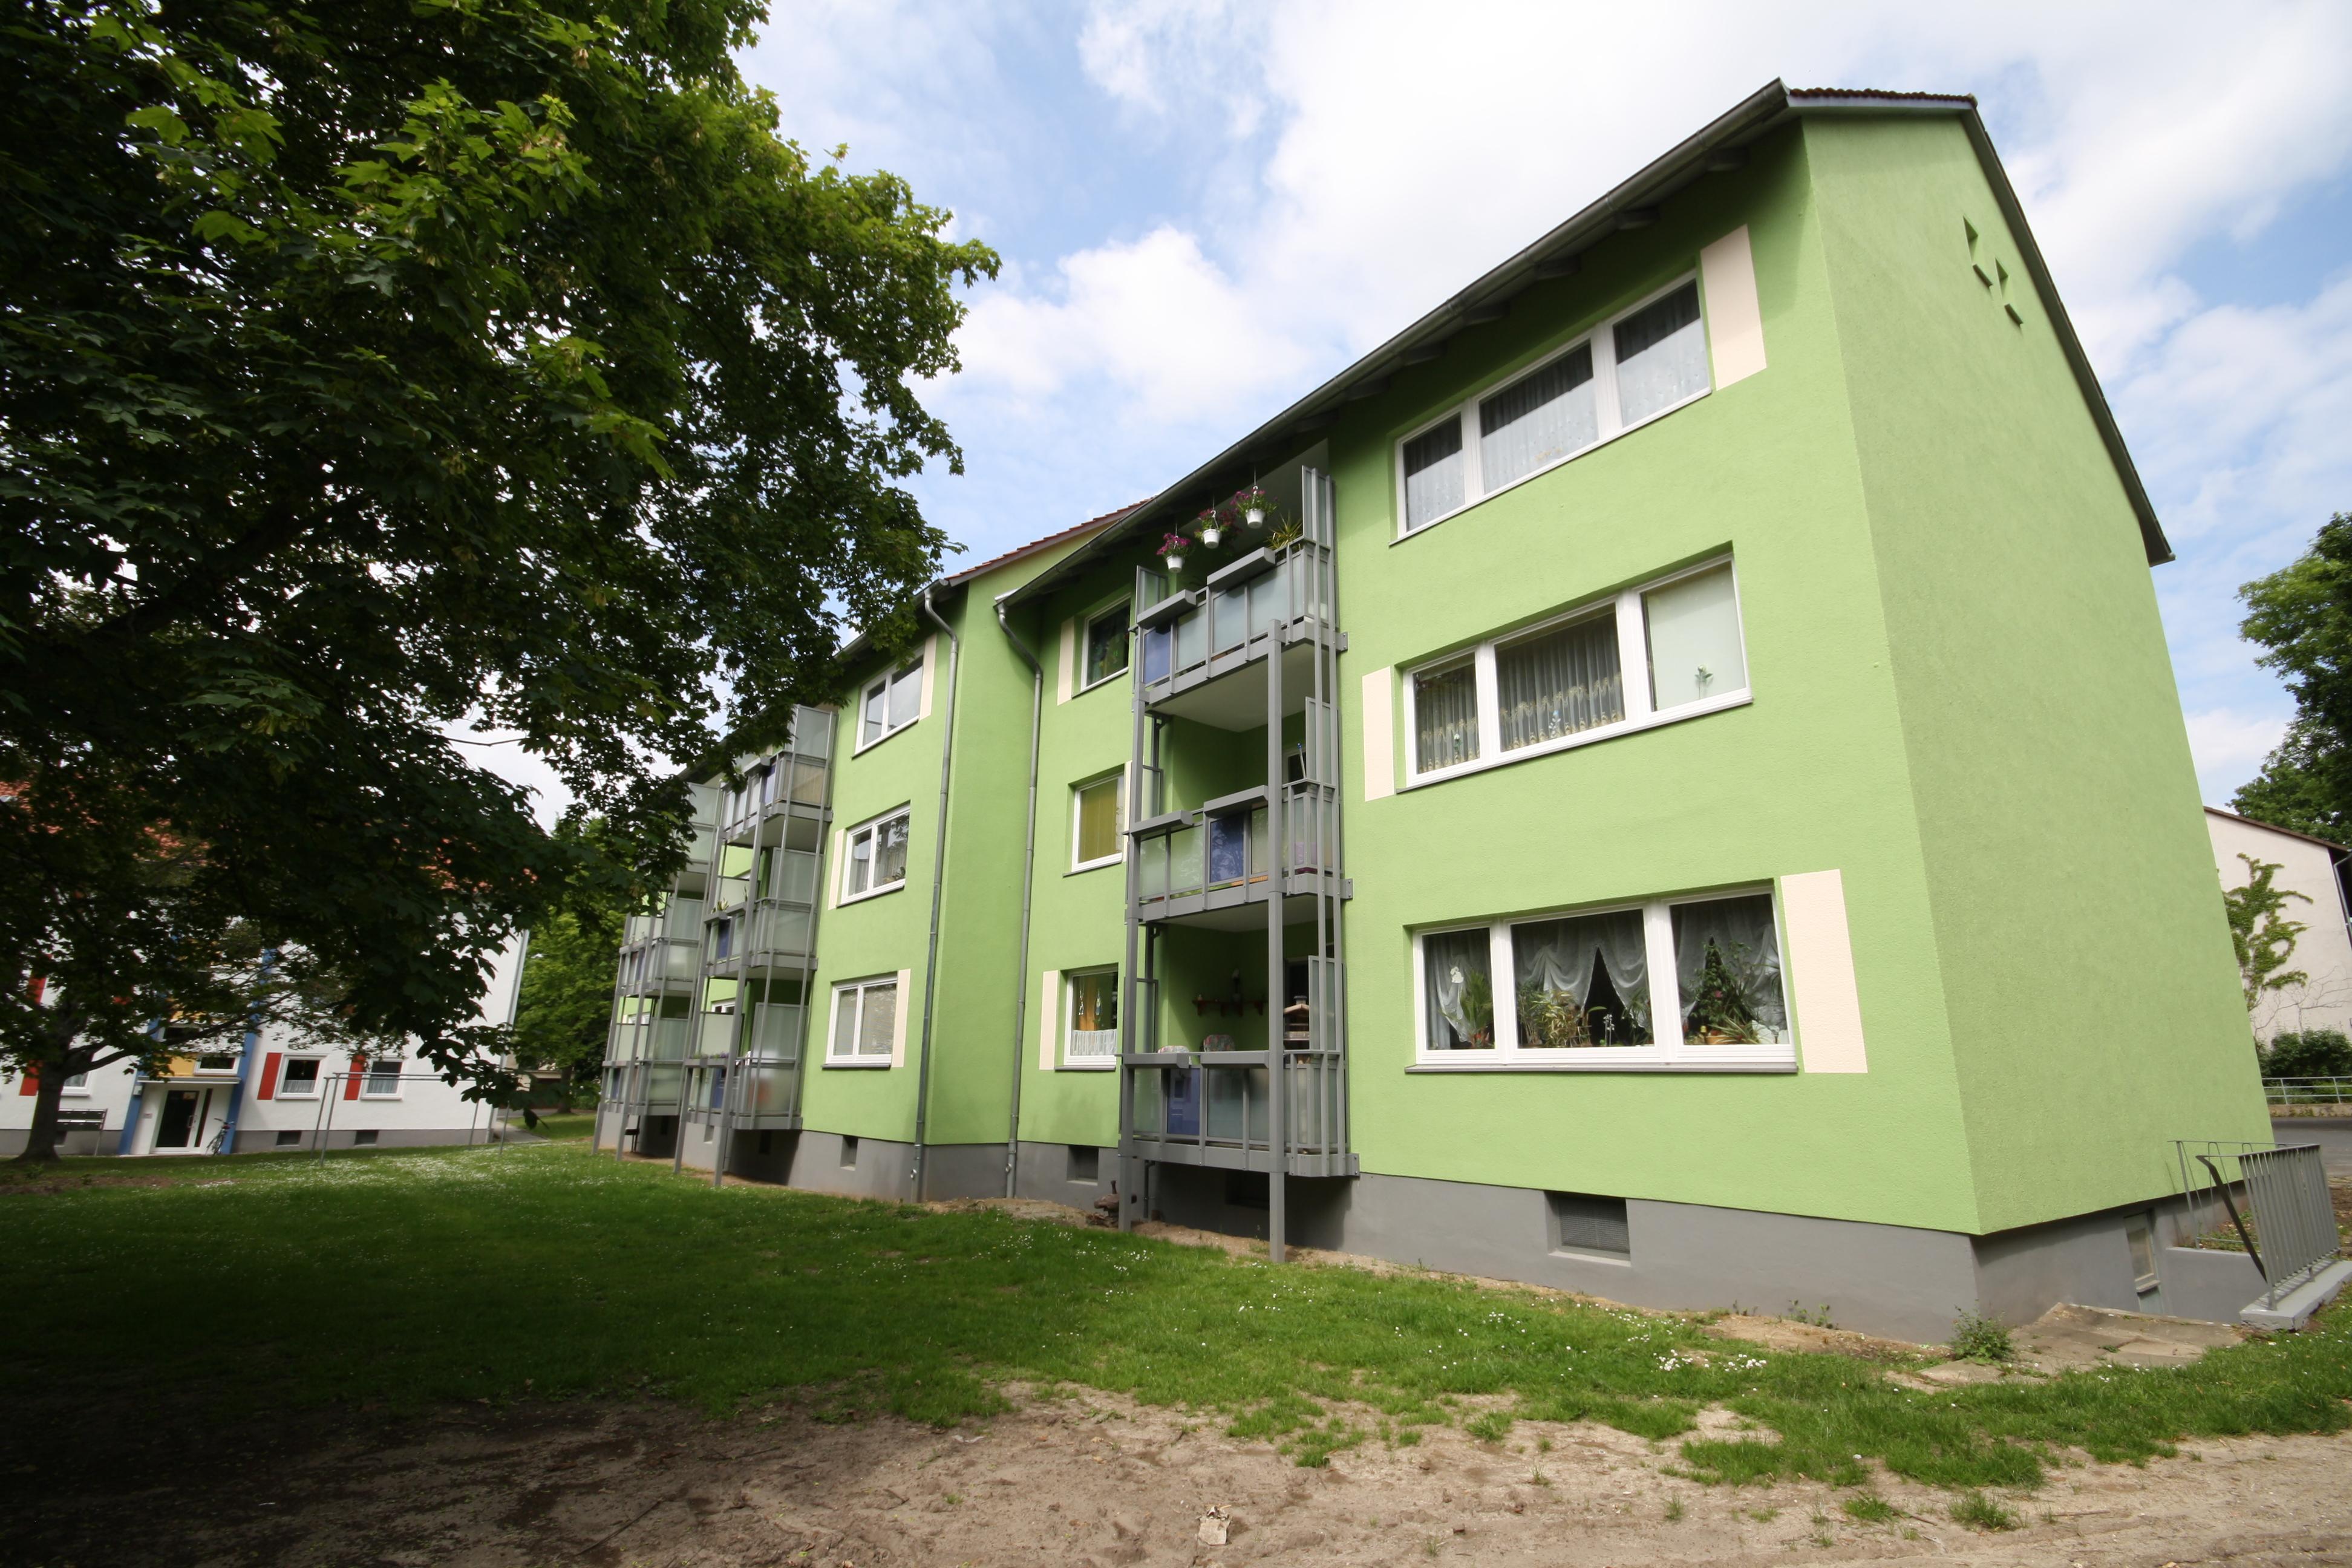 Fein Häuser Färben Zeitgenössisch - Framing Malvorlagen ...